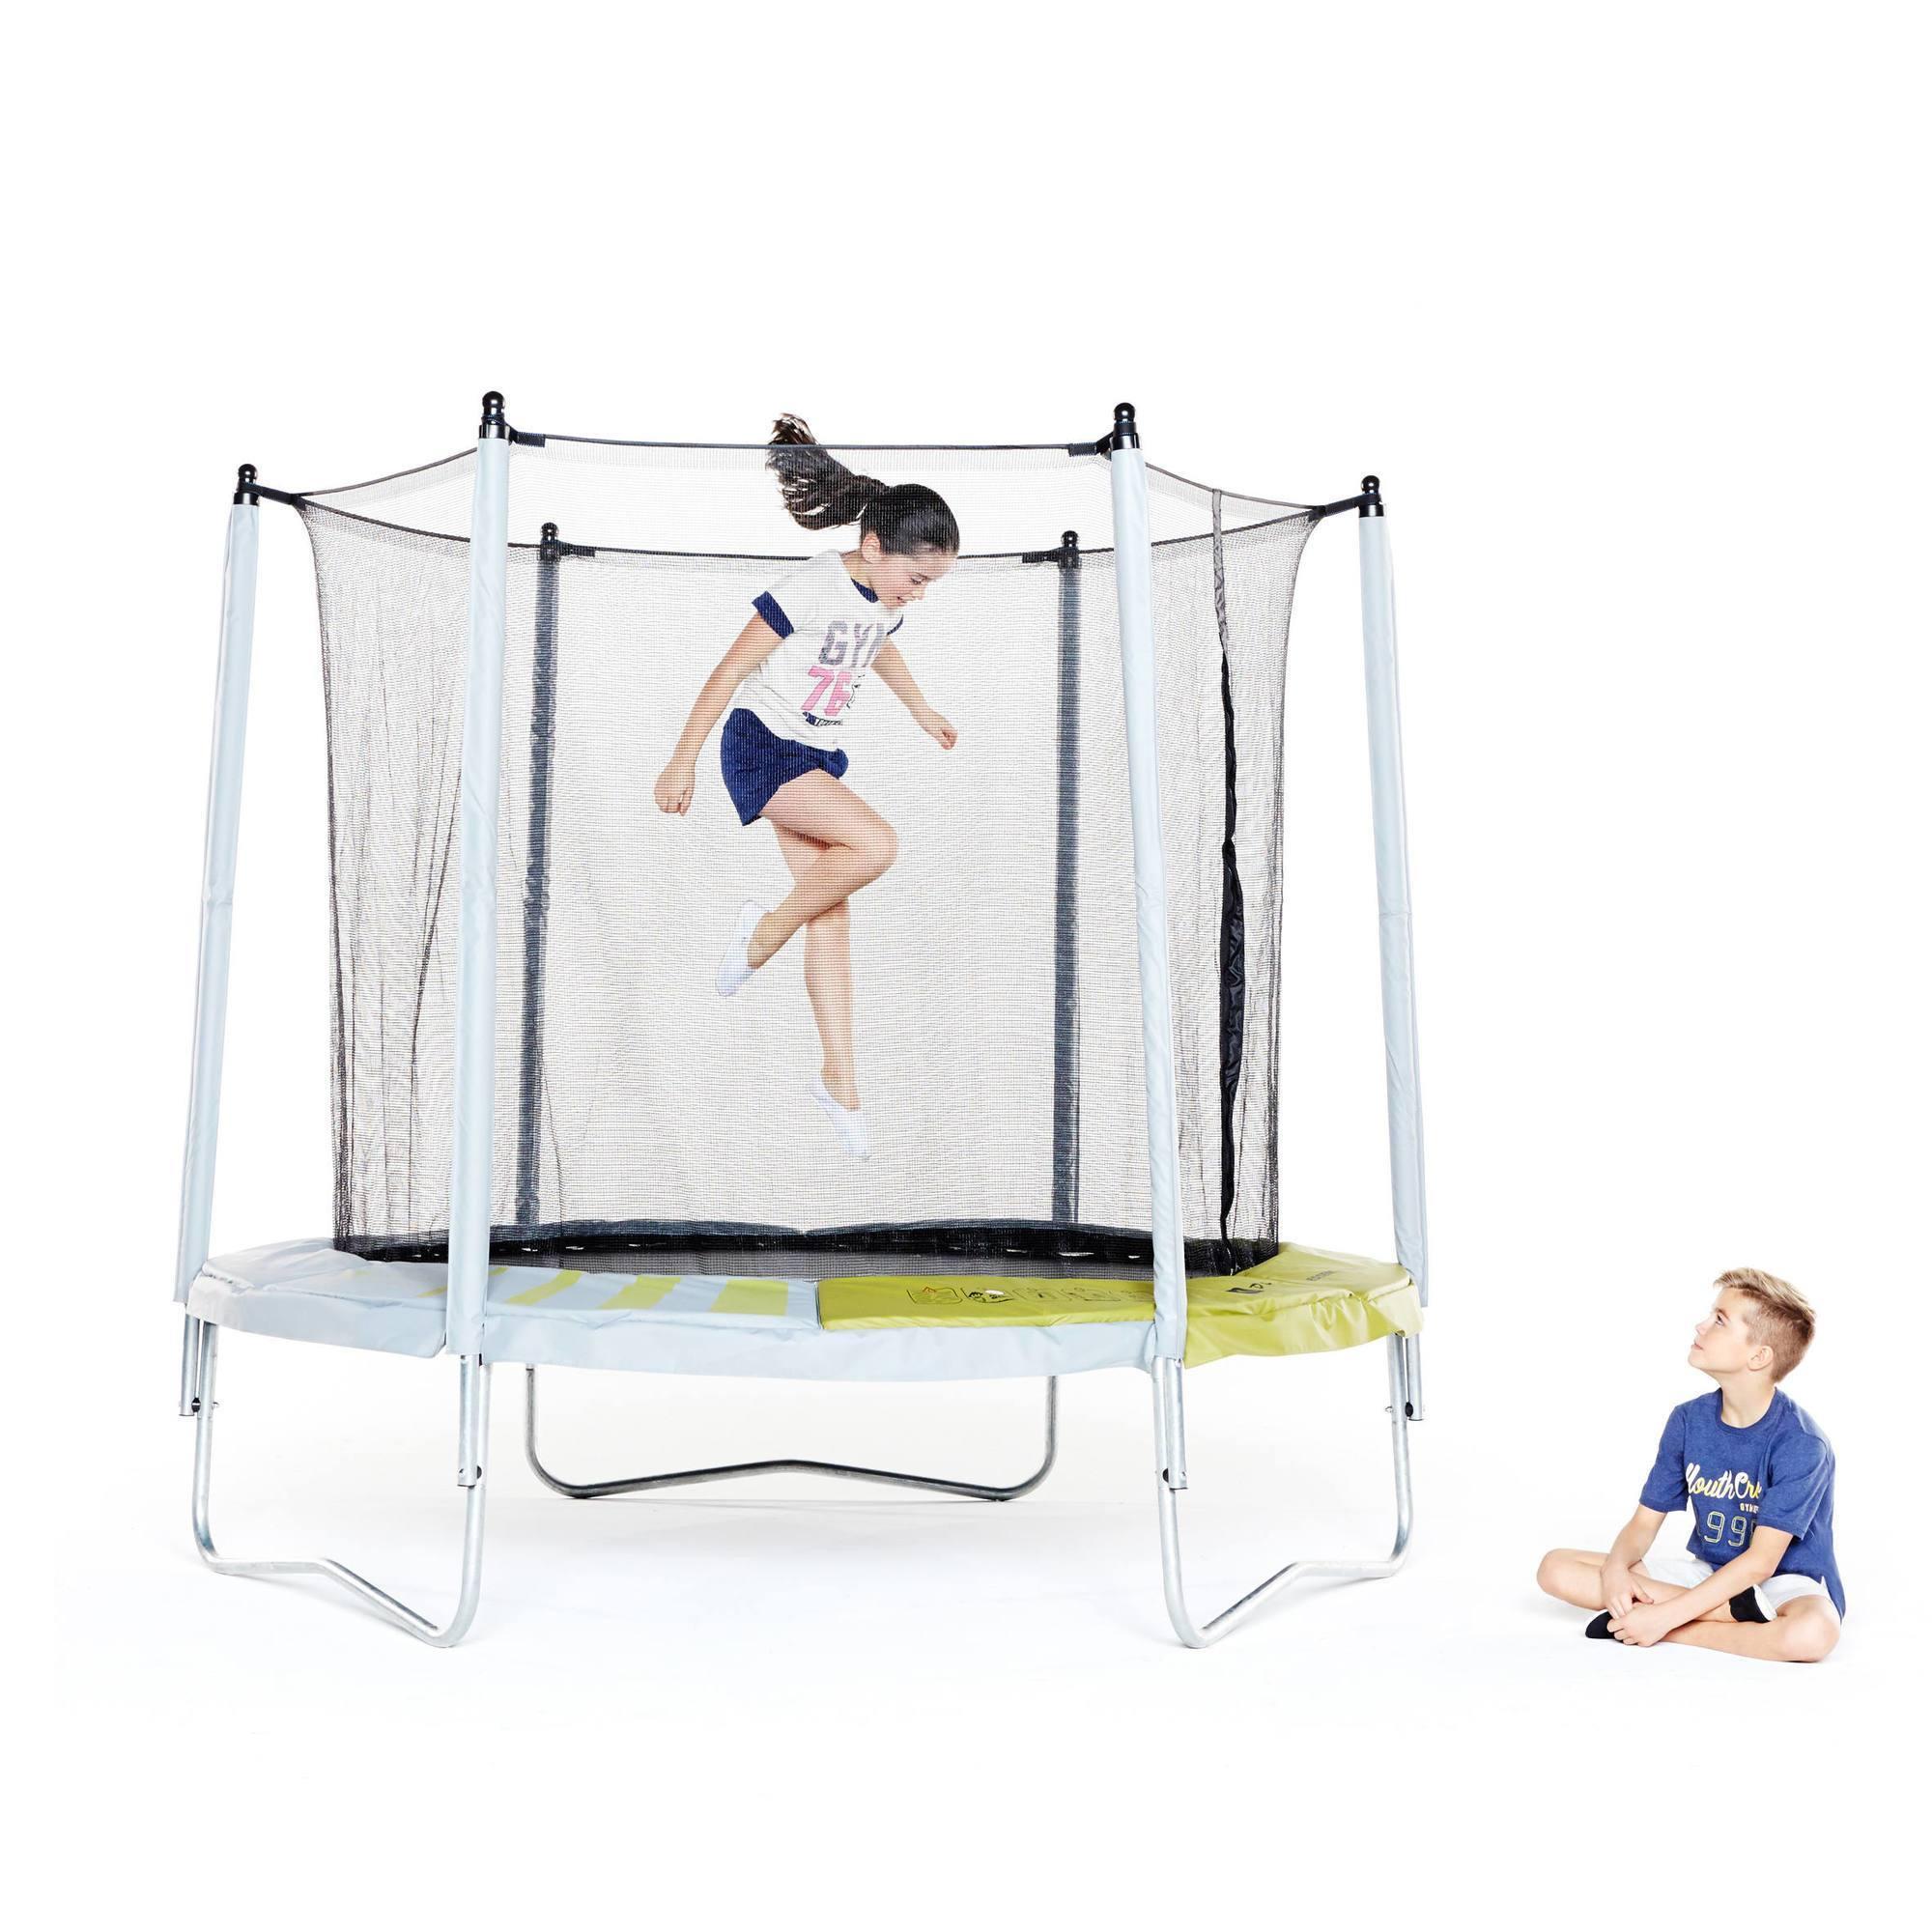 Trampoline essential 240 vert filet de protection - Filet pour trampoline decathlon ...